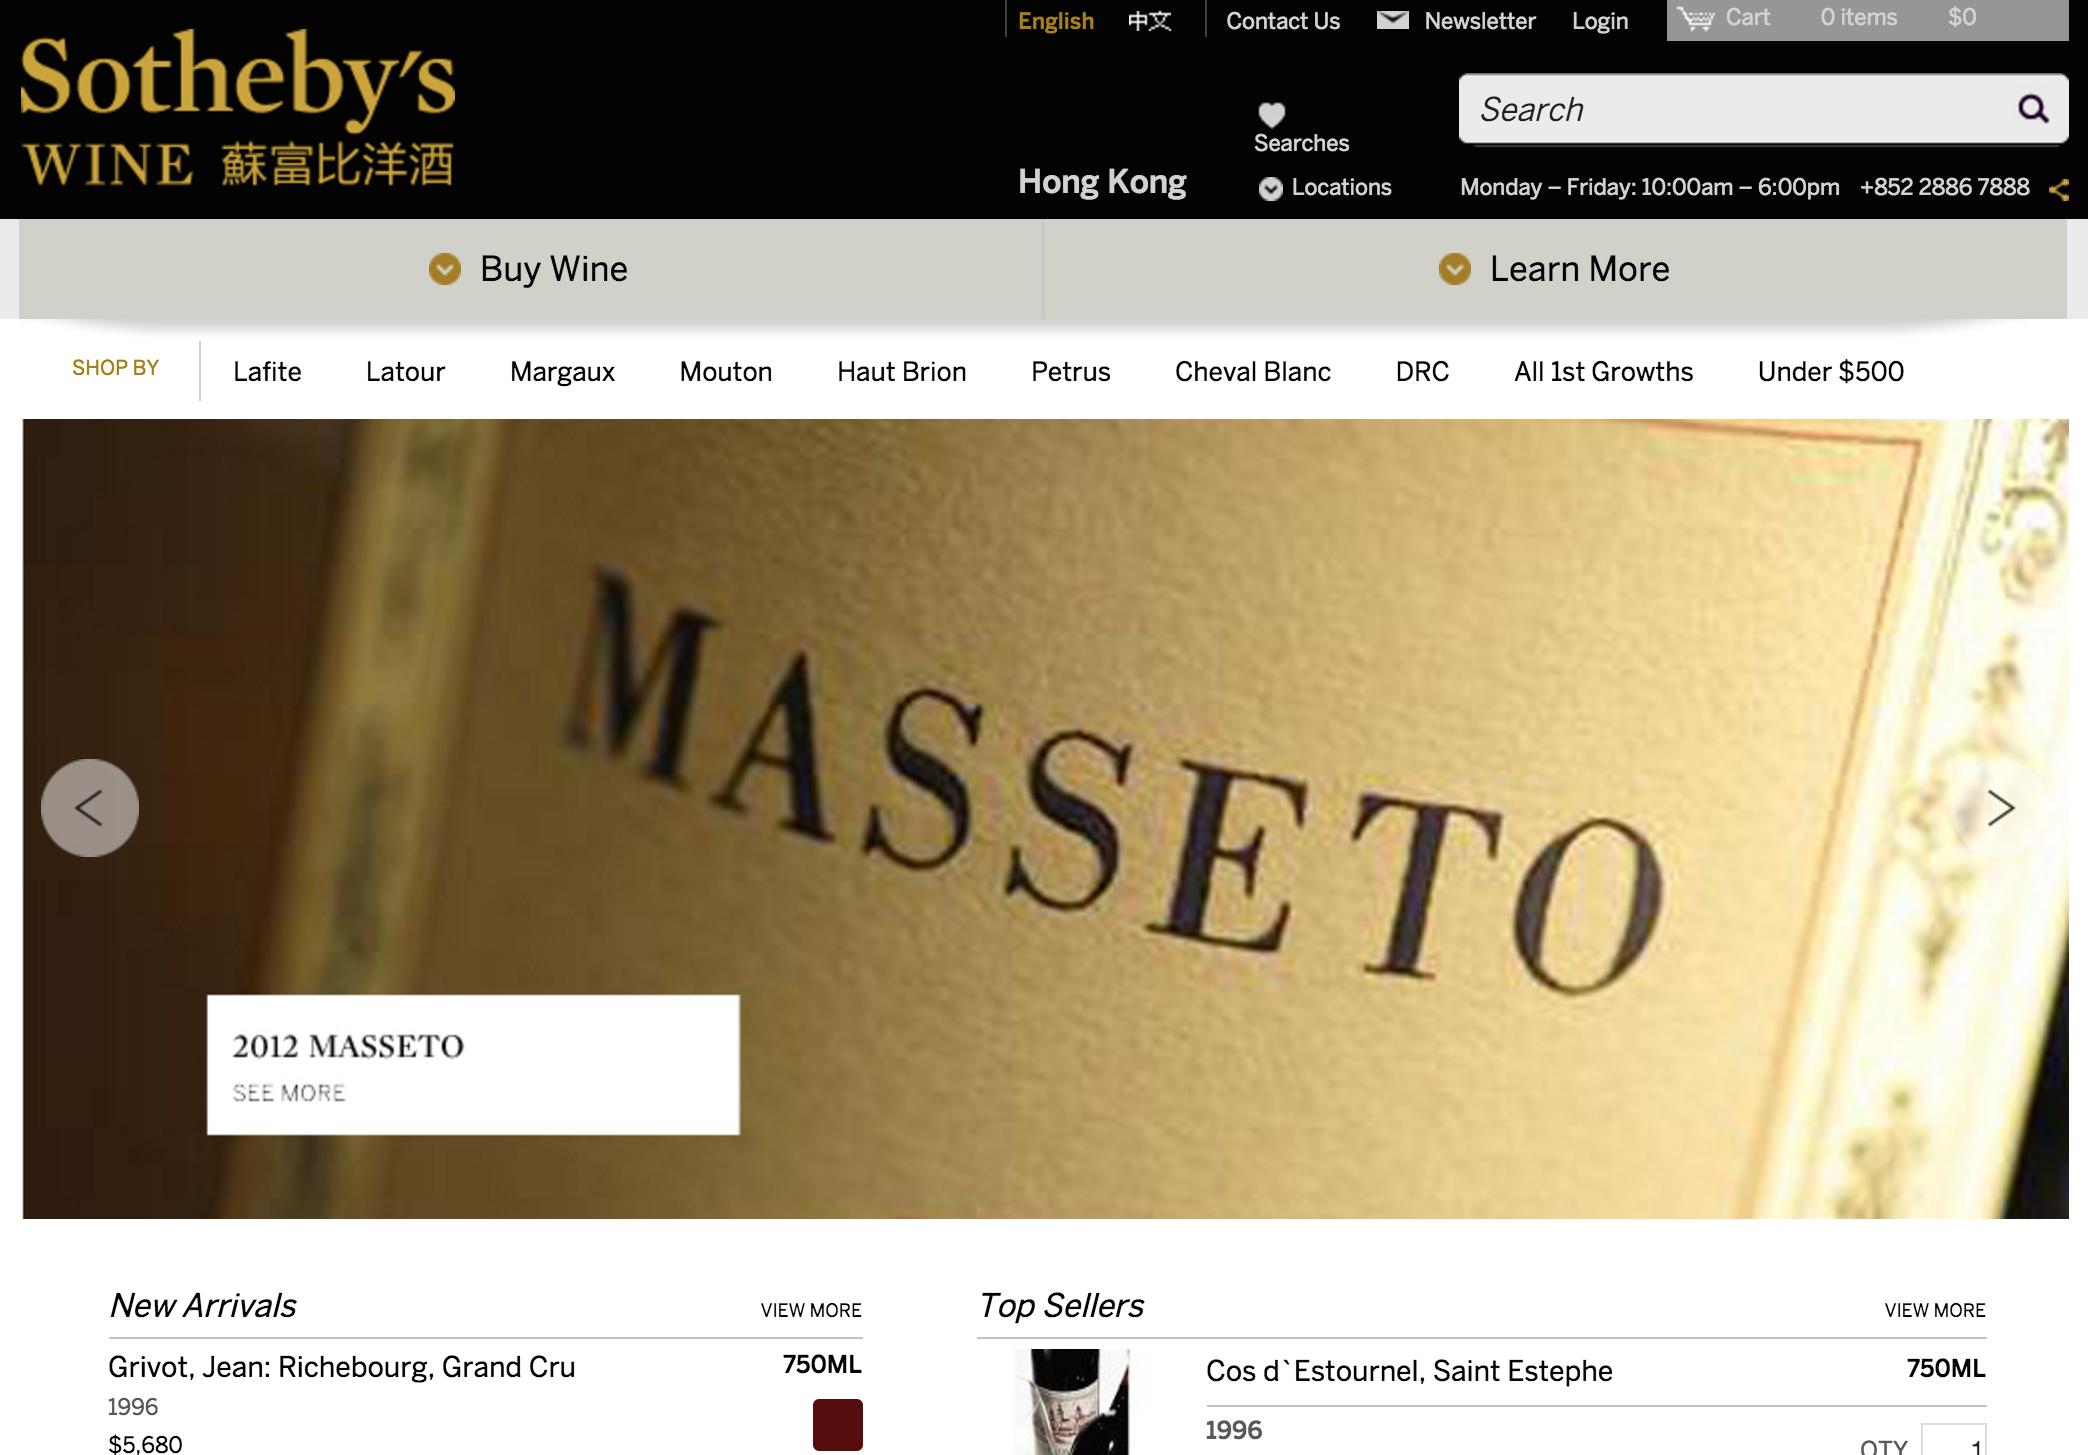 Sothebys Wine HK